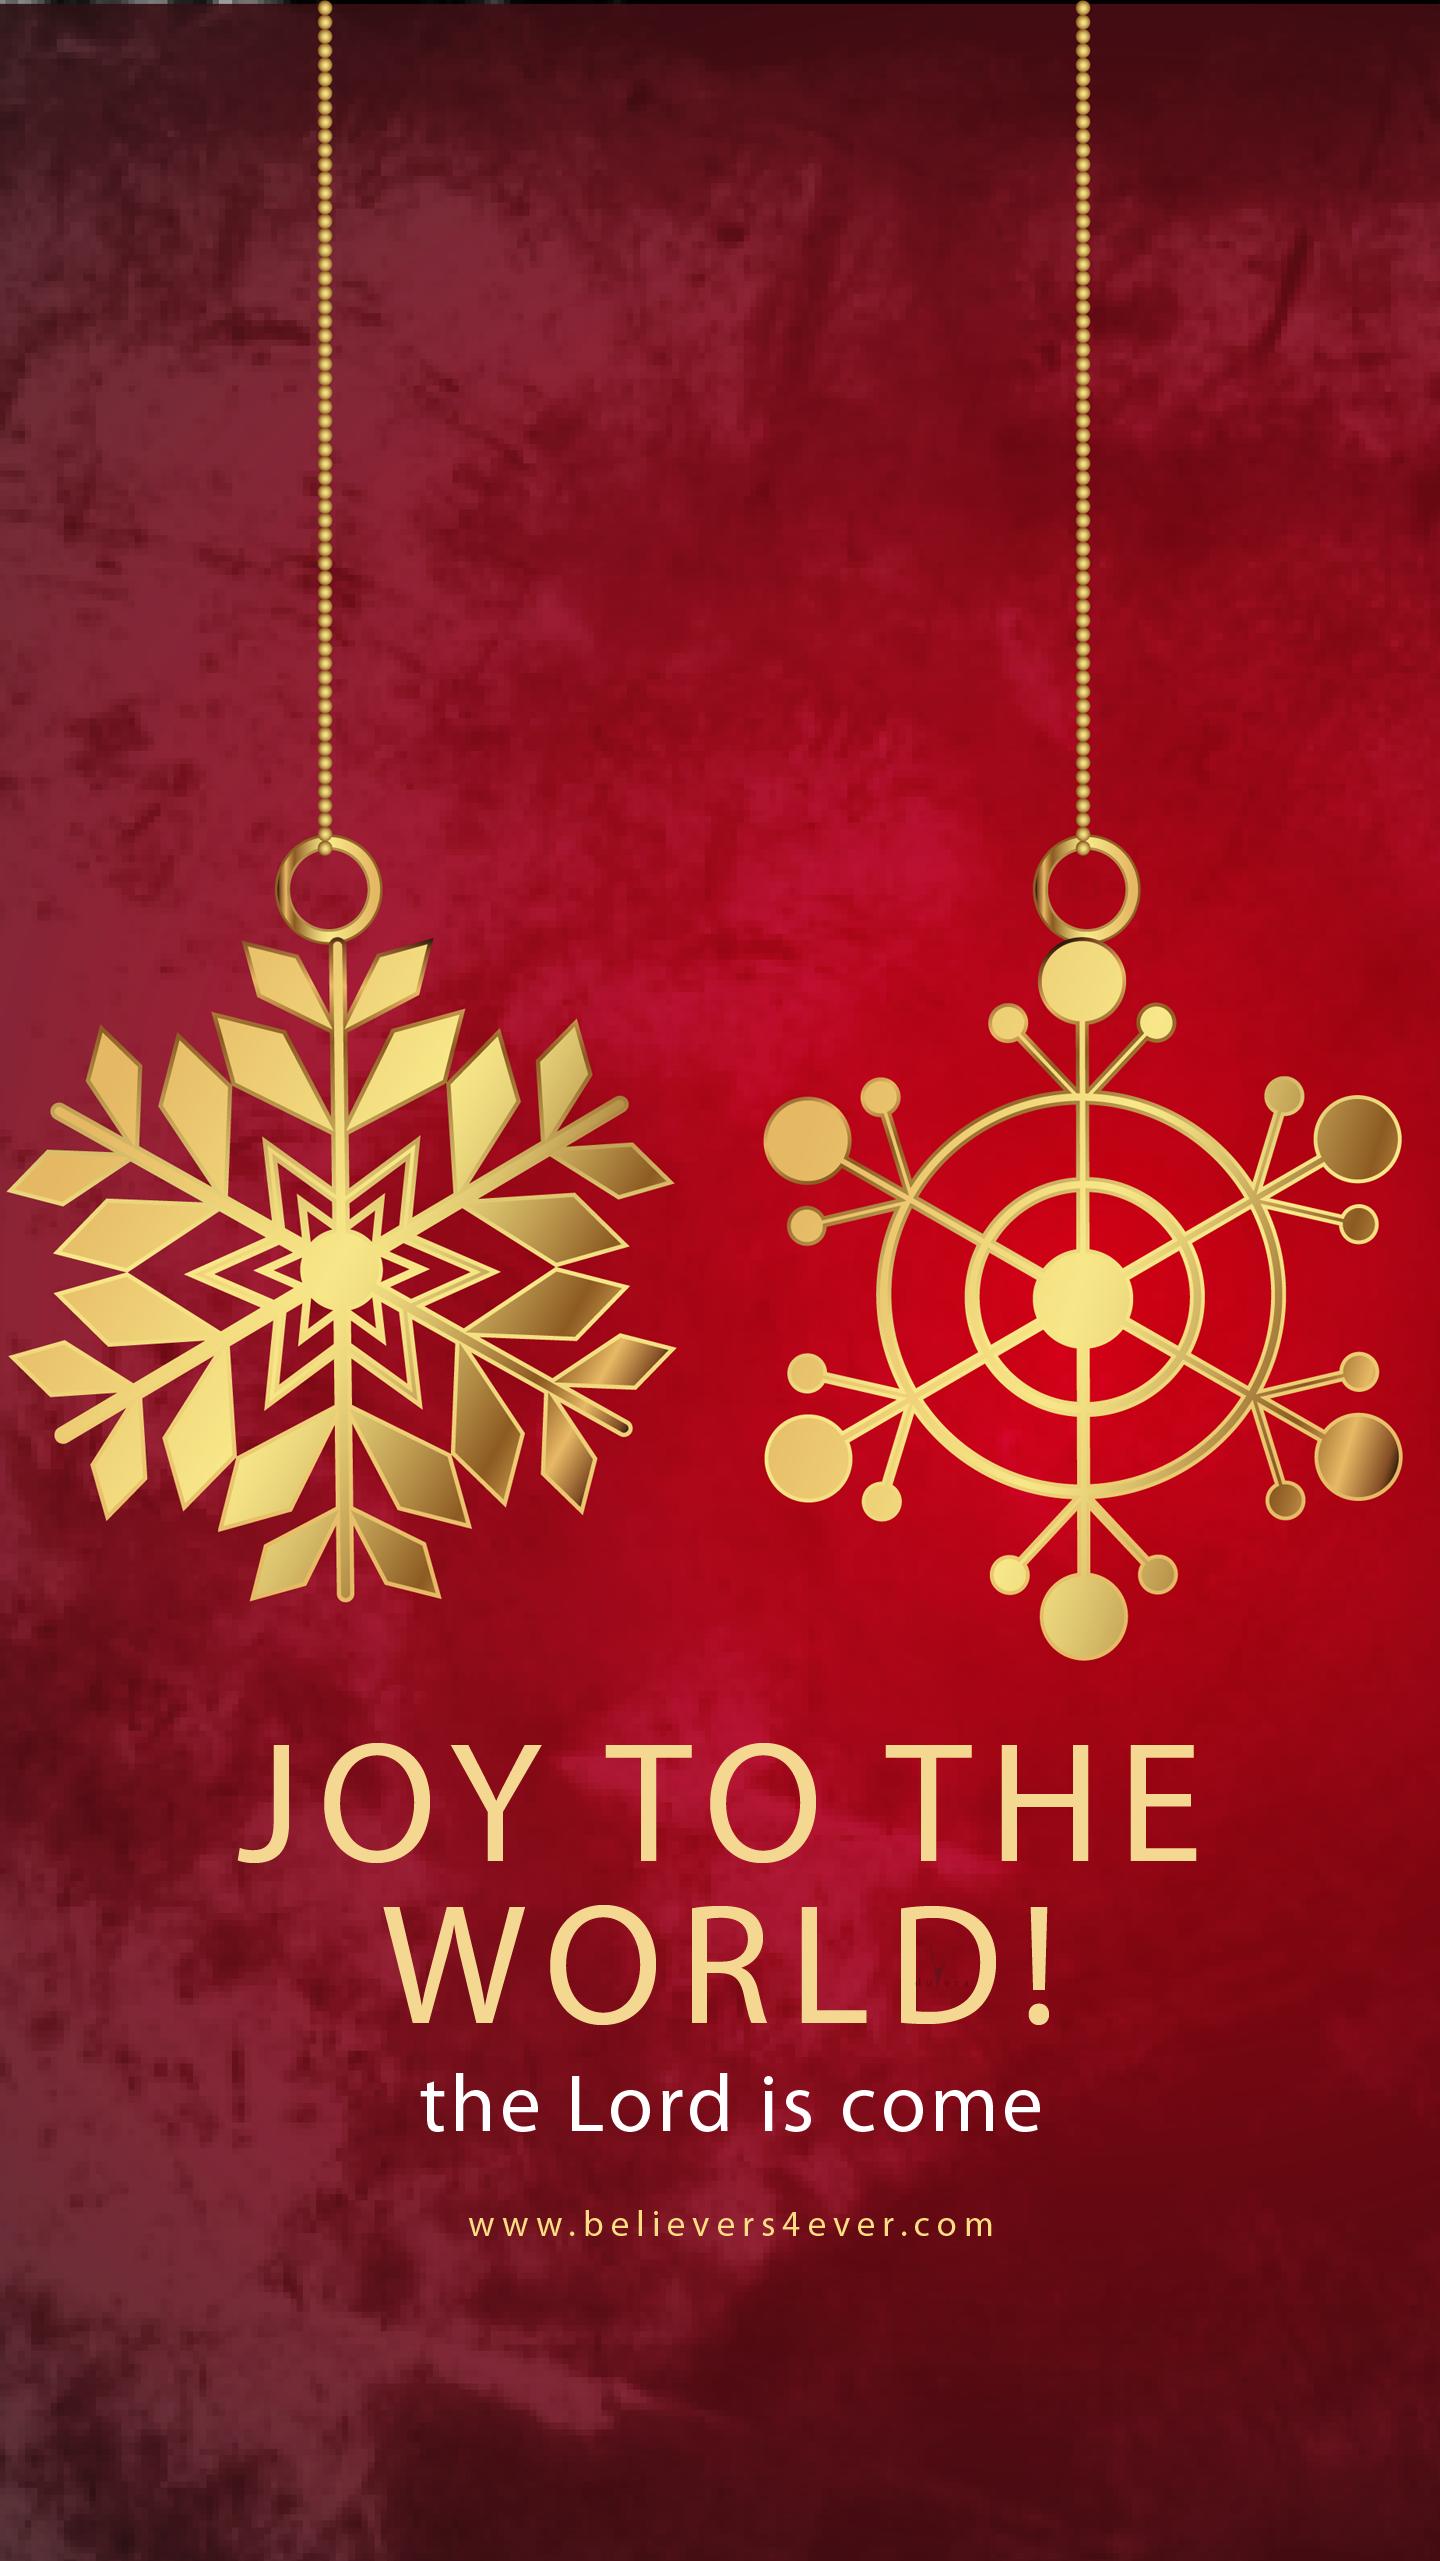 Joy to the world Christmas wallpaper hd, Christmas phone